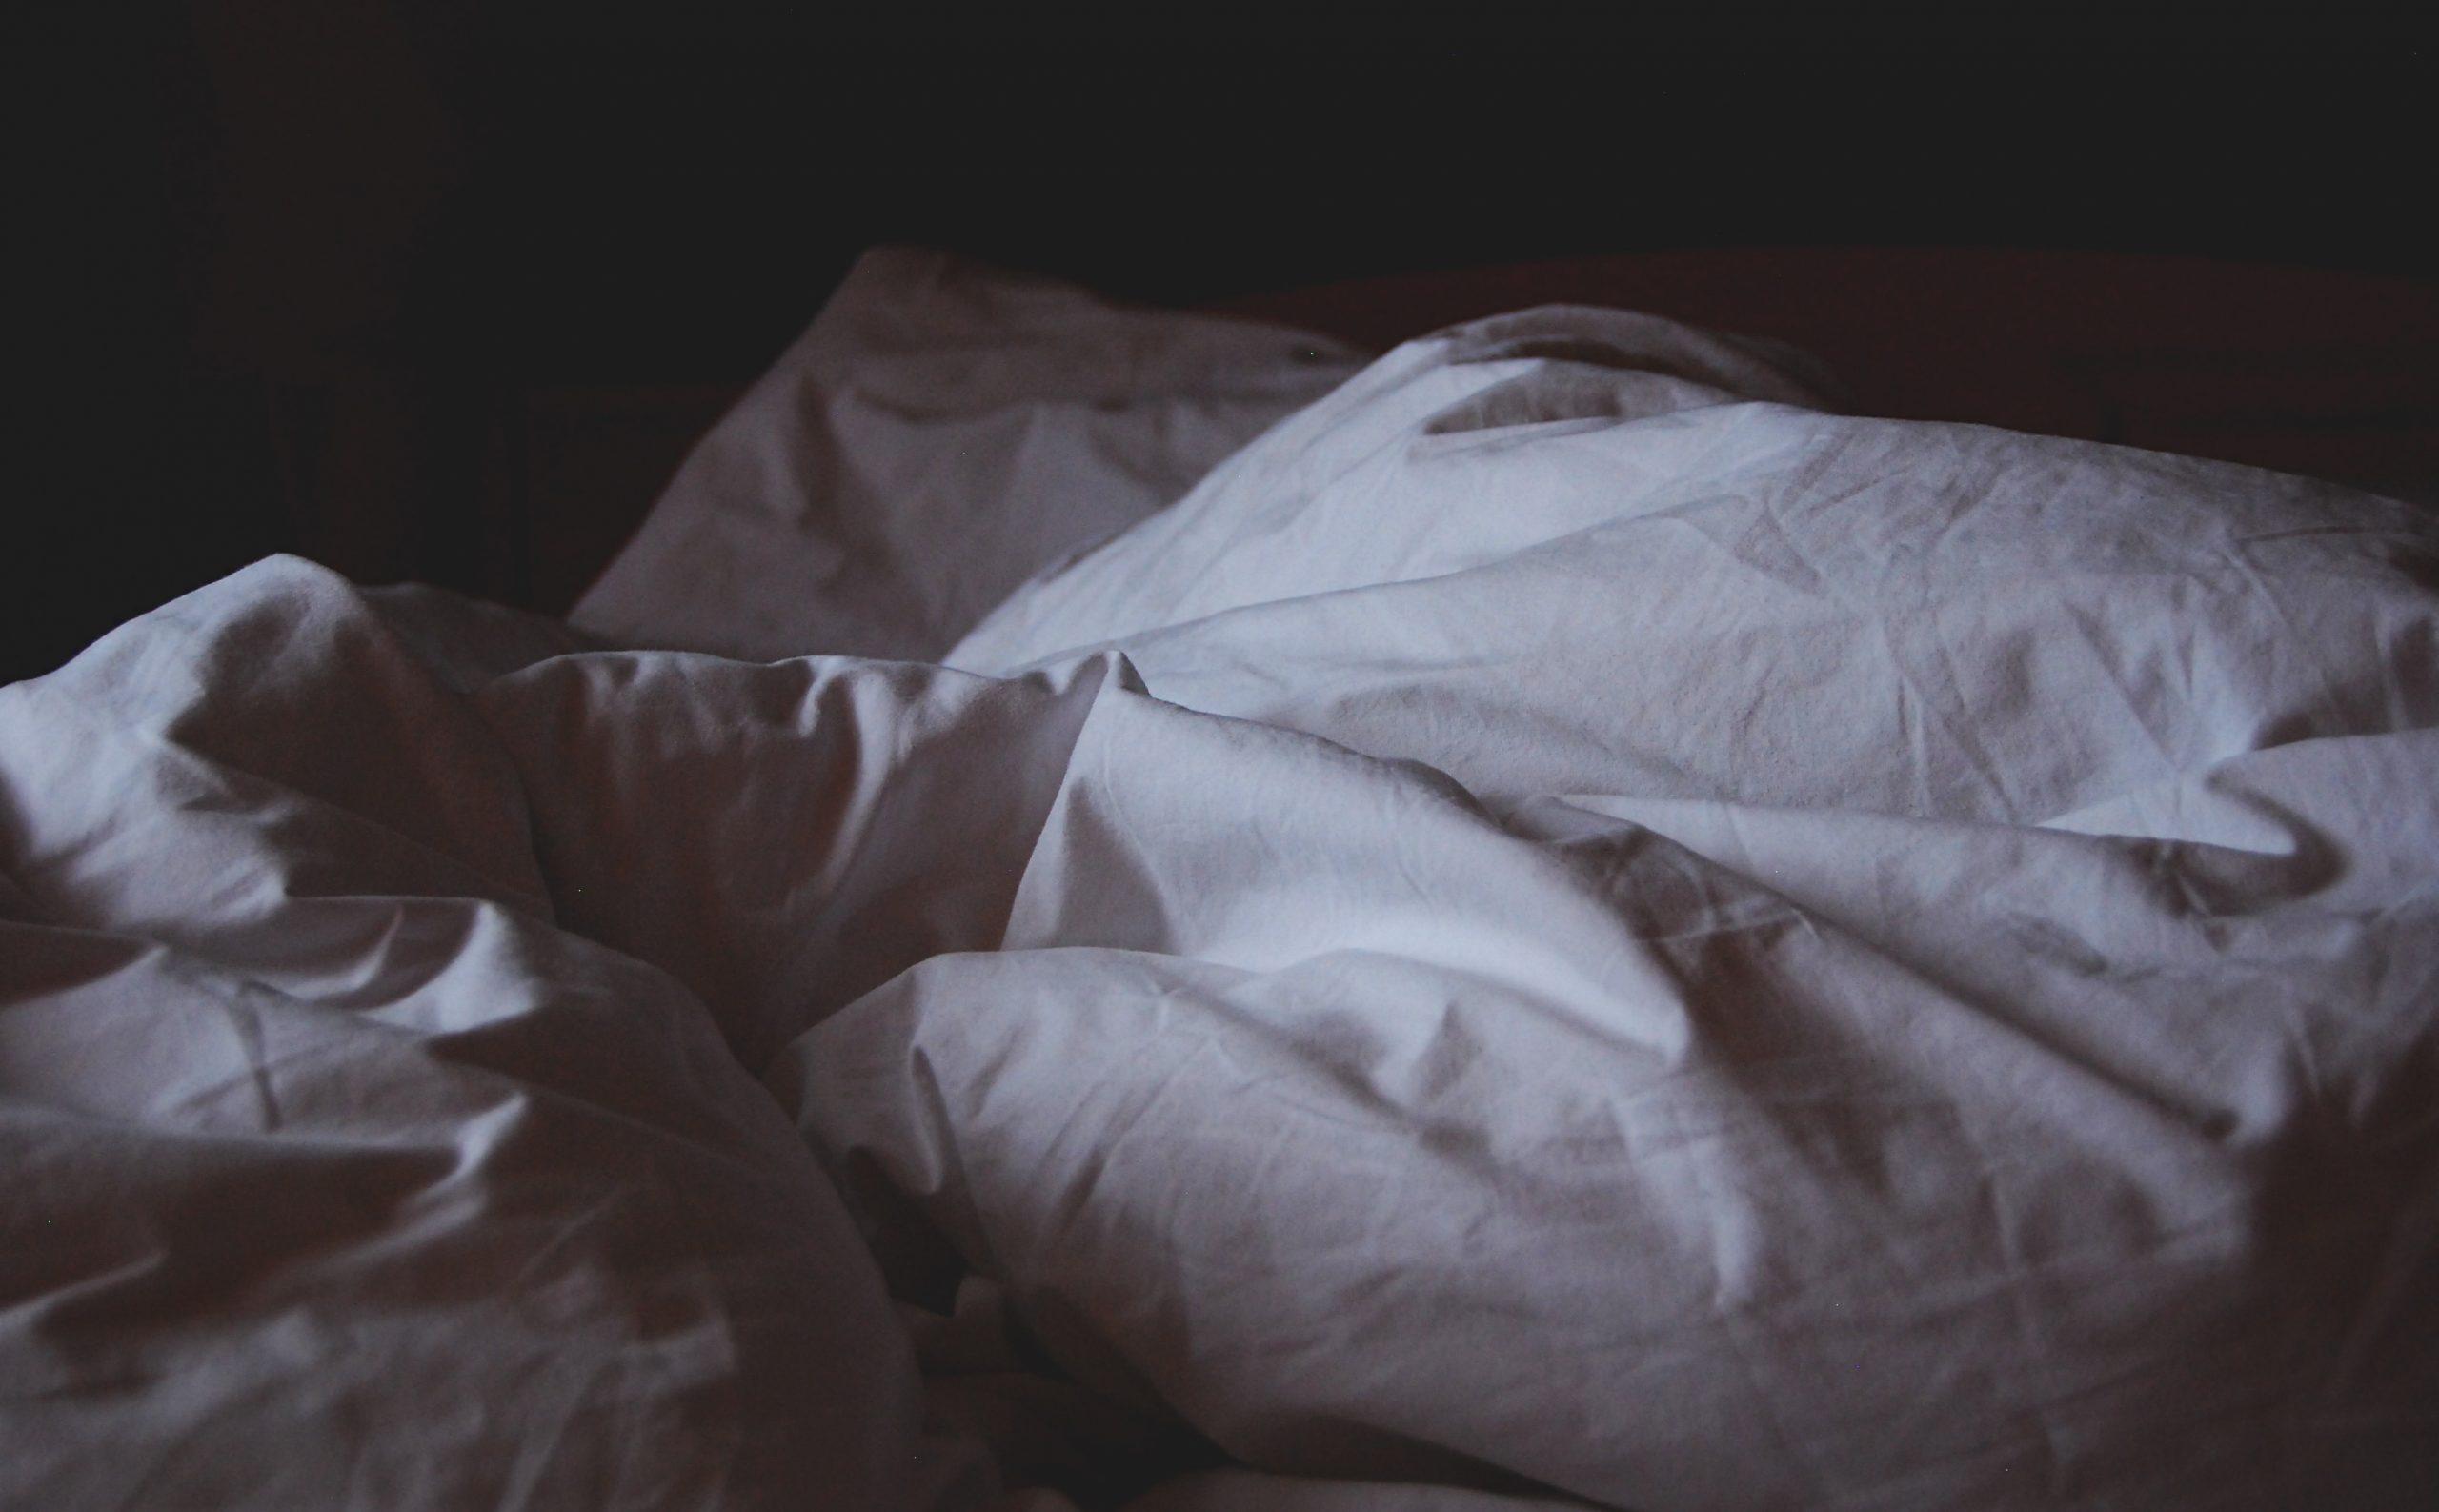 White crumpled blankets